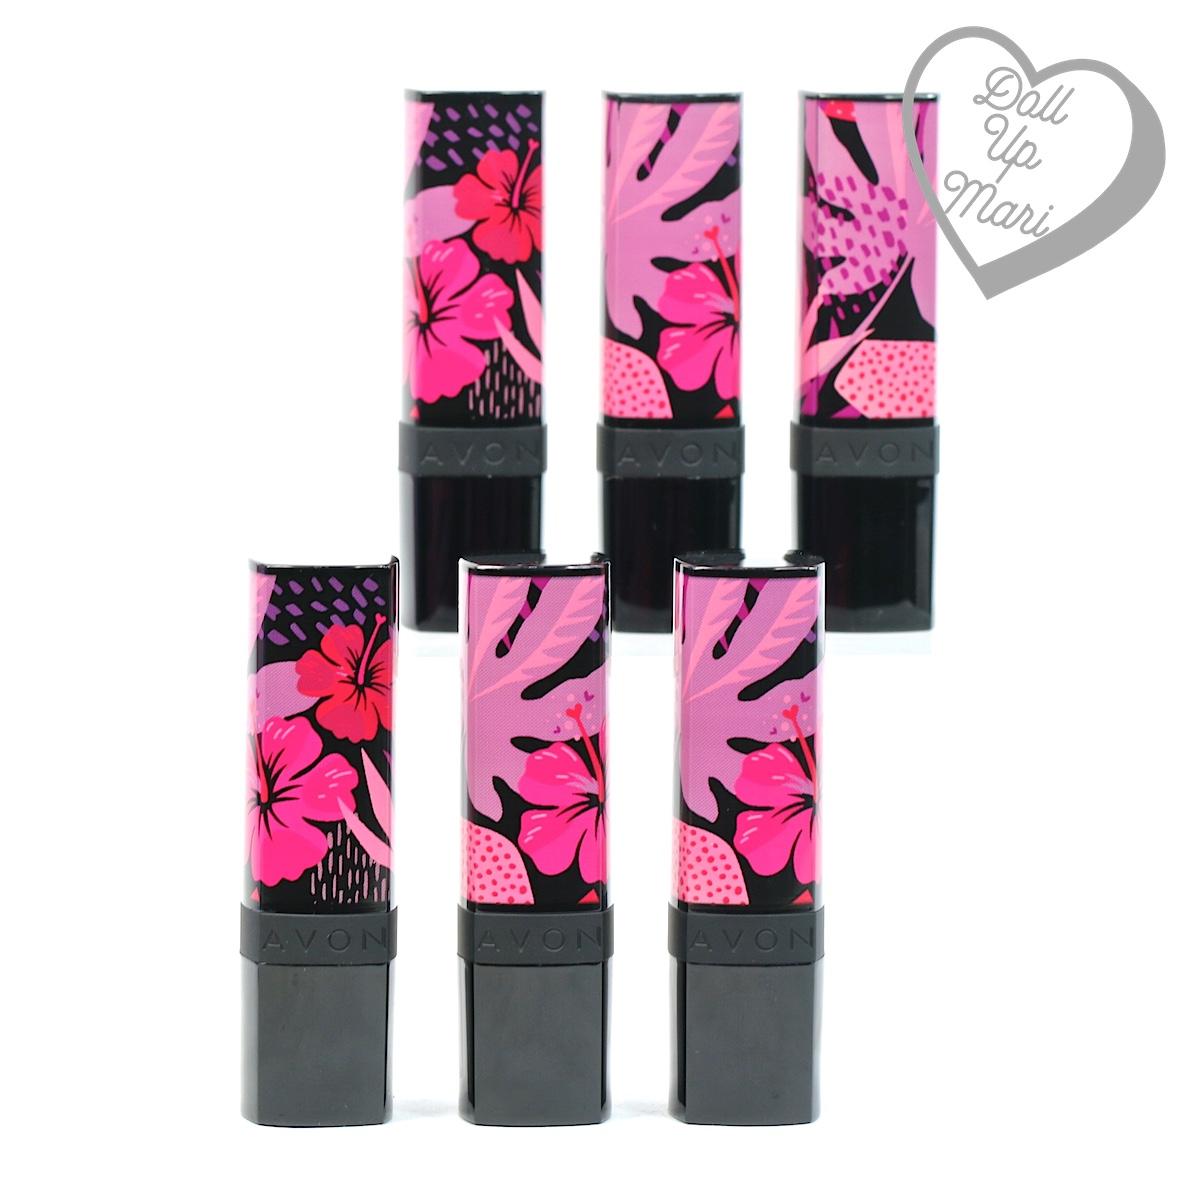 AVON Floral Wonderland Lipstick Collection Packaging